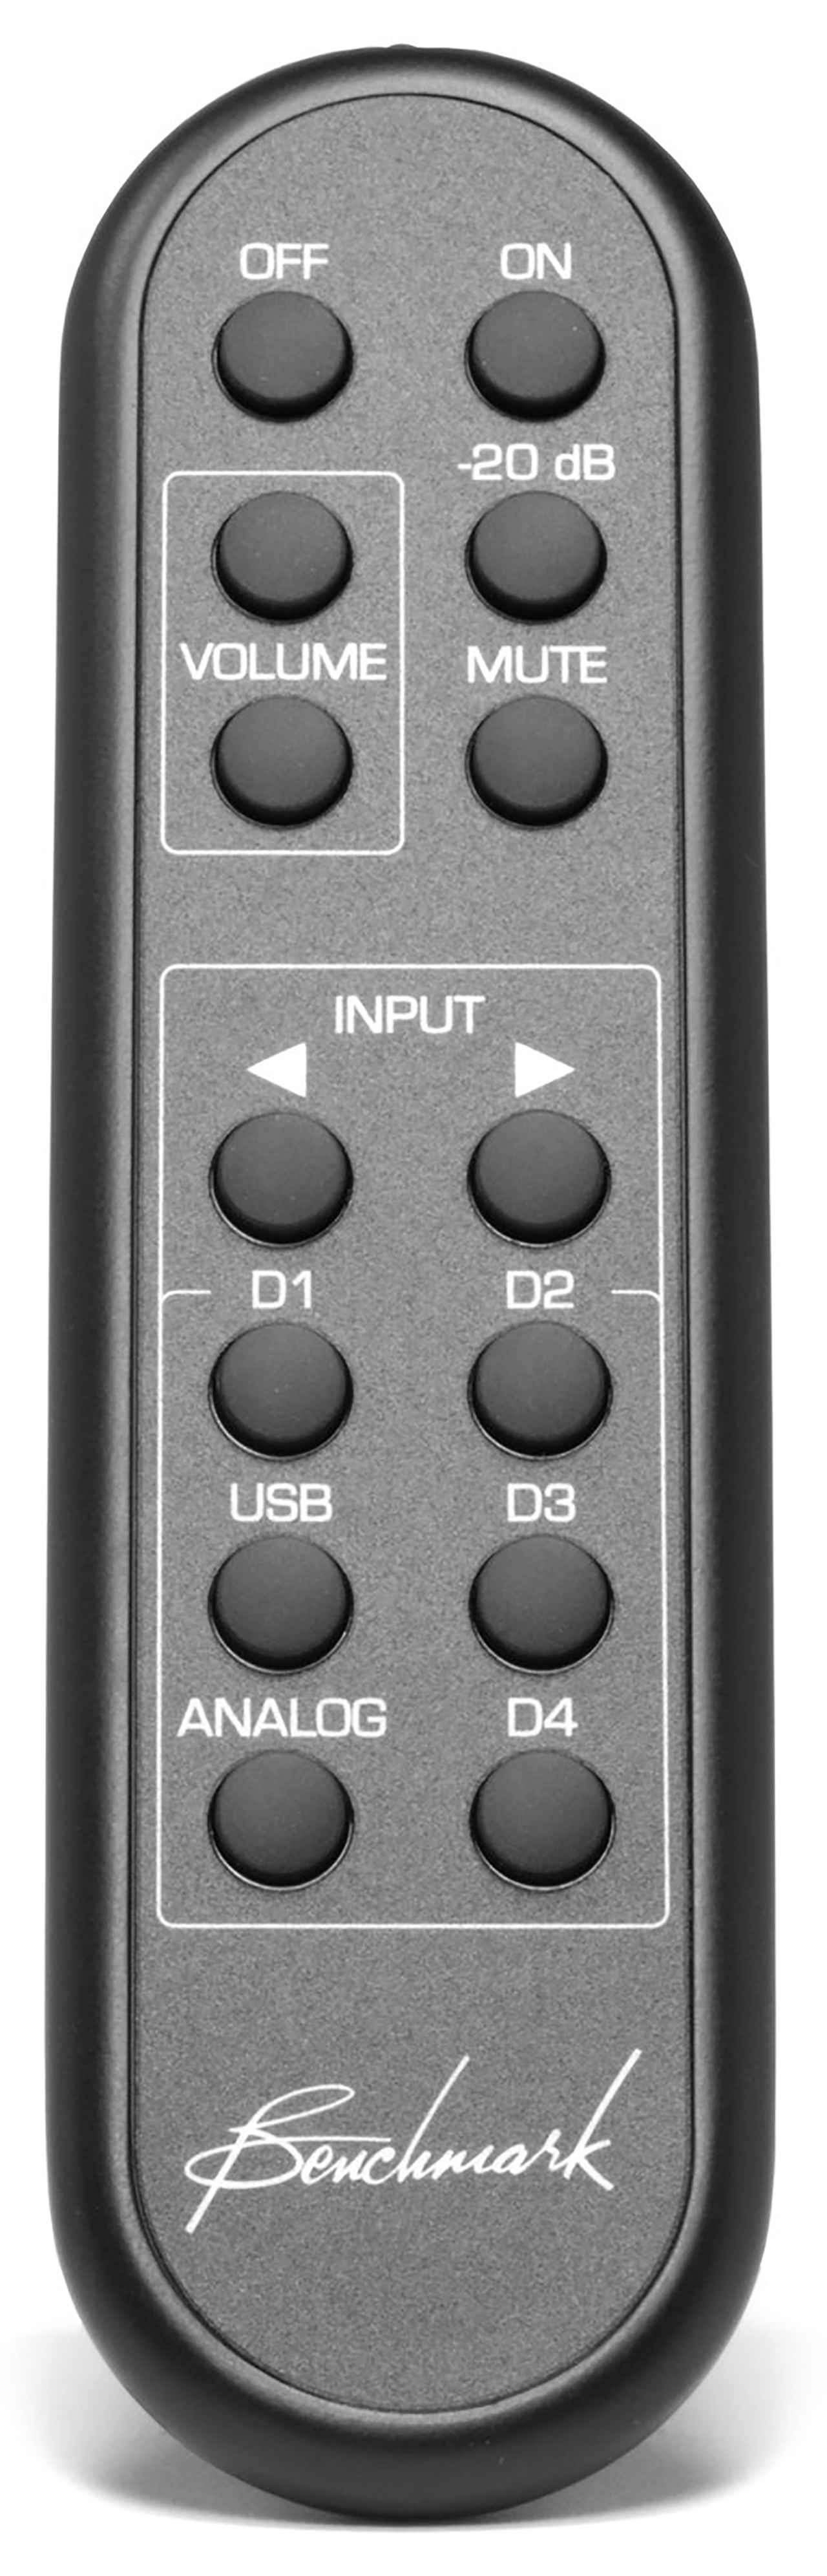 画像: Benchmark Remote Control オープン価格 (実勢価格1万5,000円前後) ベンチマークの製品には専用リモコンも用意されている。アルミダイキャスト製で質感に優れる